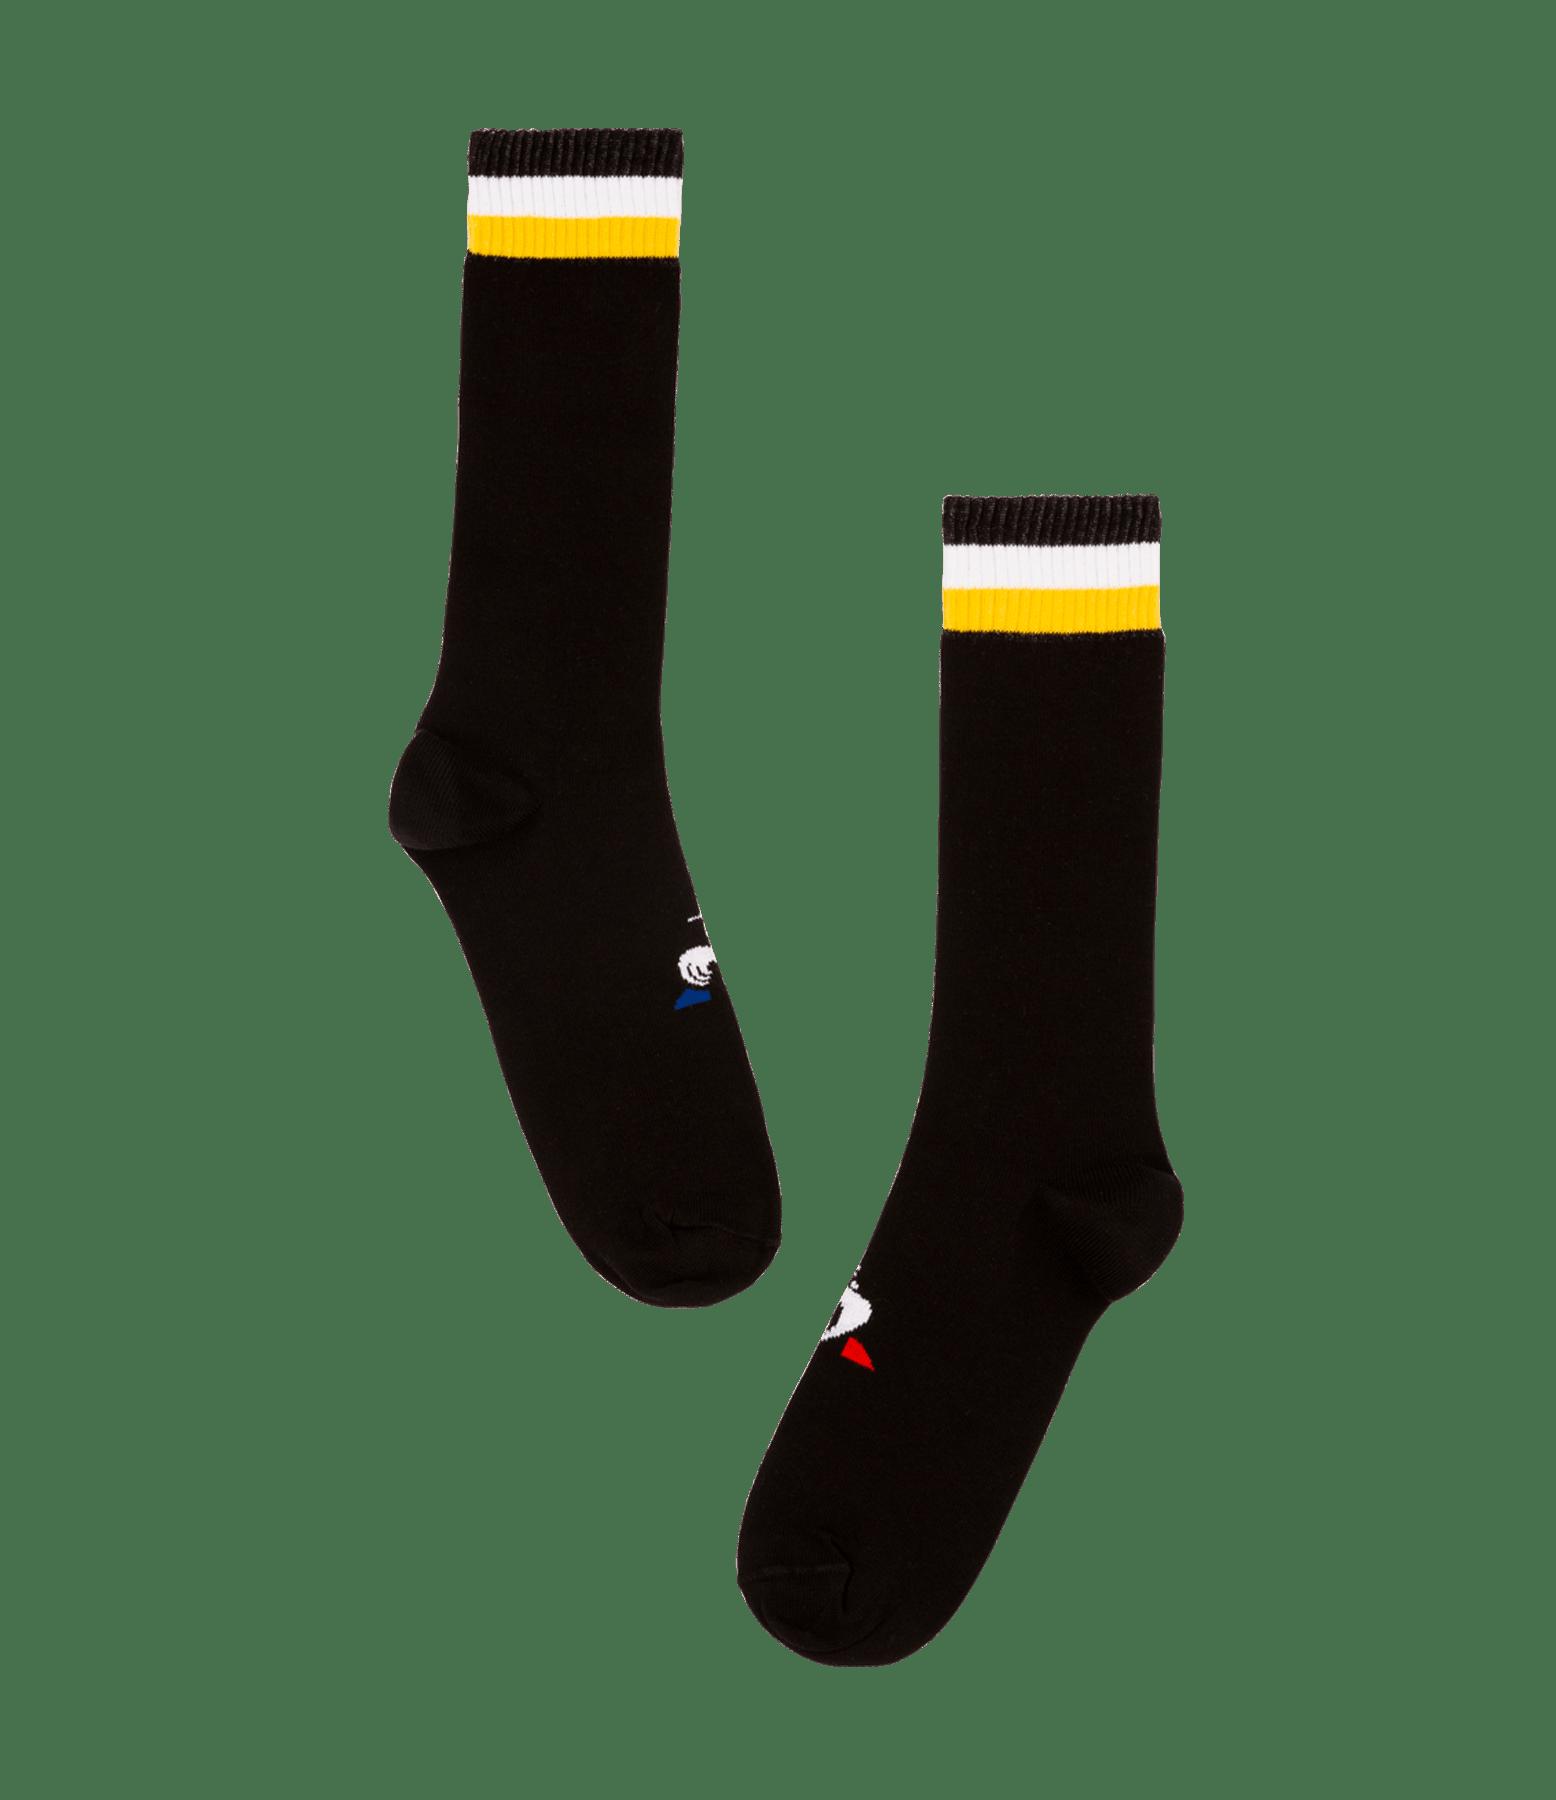 RENAULT F1® TEAM 2019 socks - black